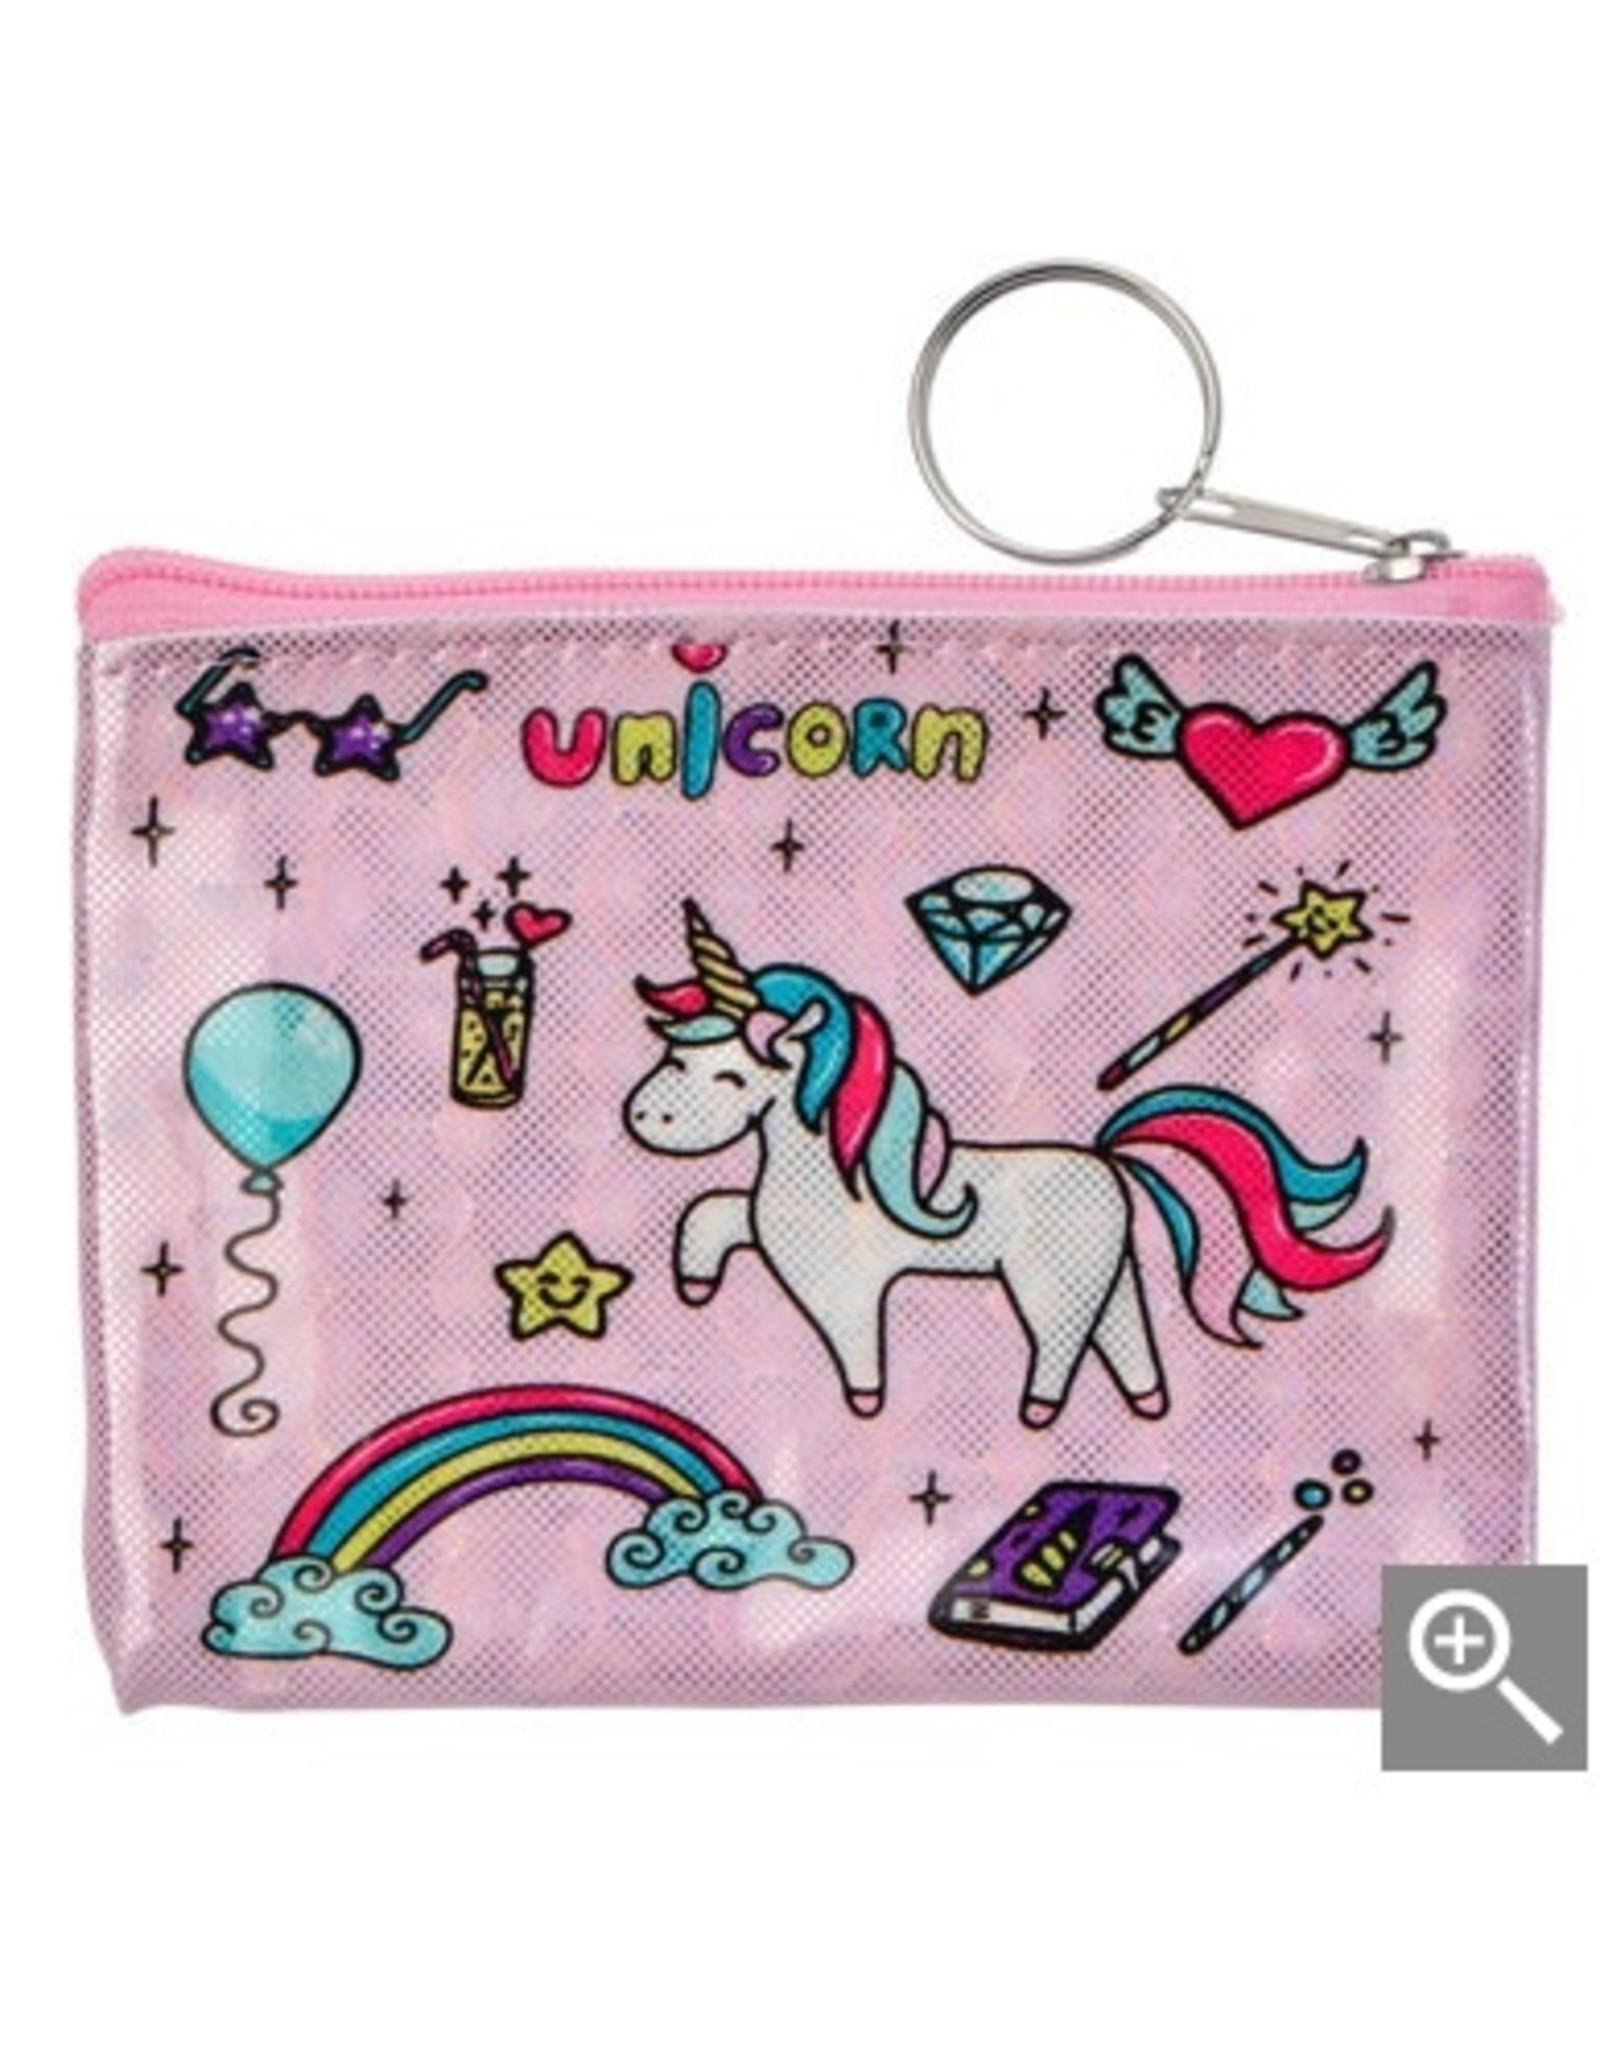 Clayre & Eef Children's wallet - pink unicorn